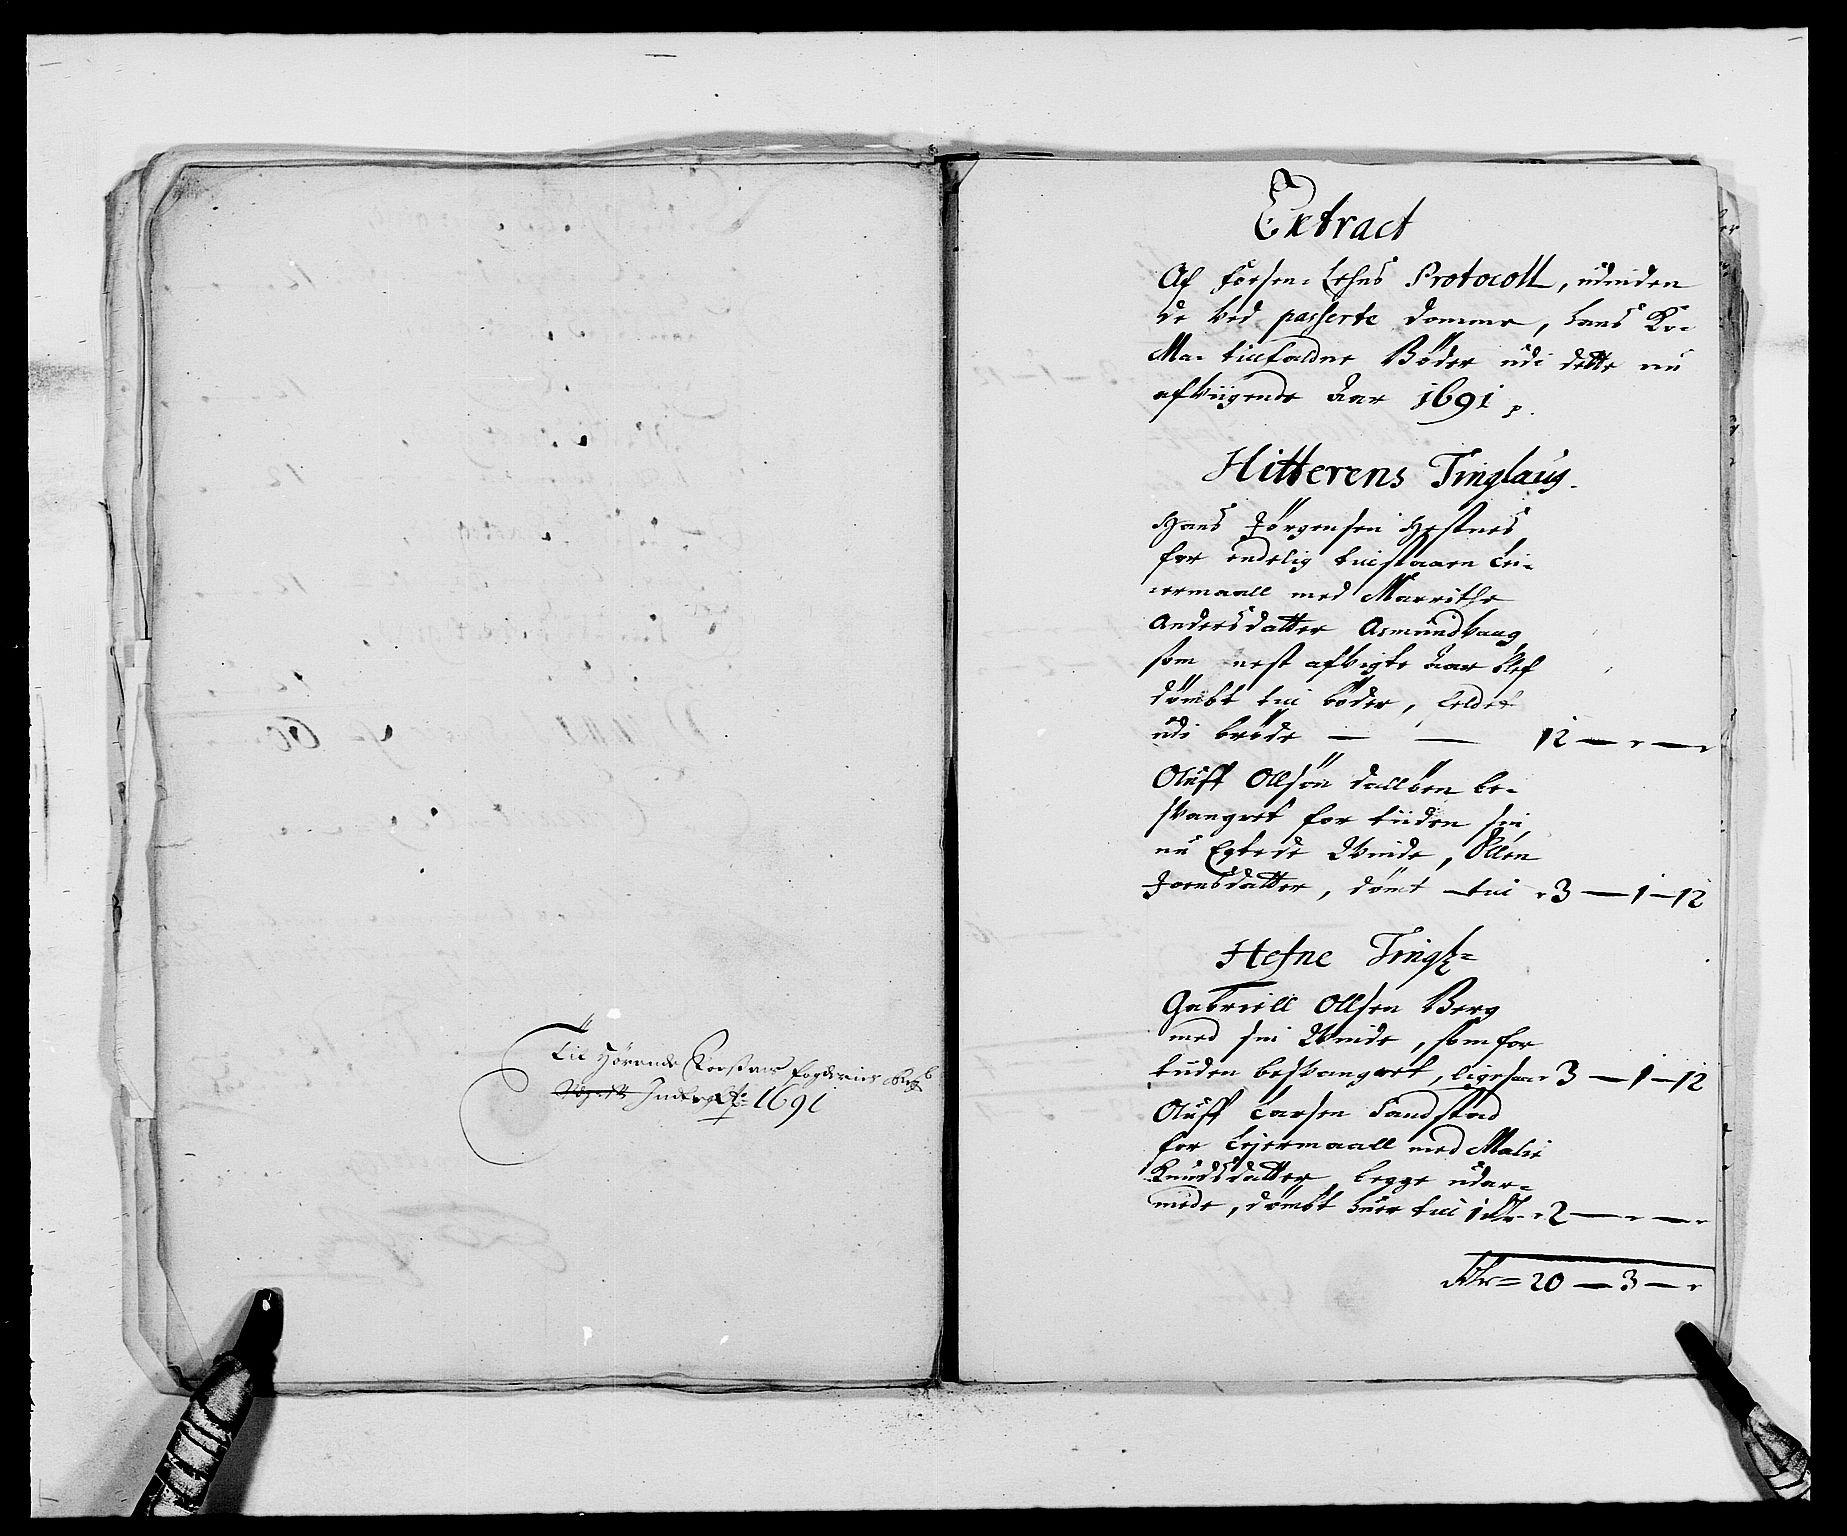 RA, Rentekammeret inntil 1814, Reviderte regnskaper, Fogderegnskap, R57/L3848: Fogderegnskap Fosen, 1690-1691, s. 344